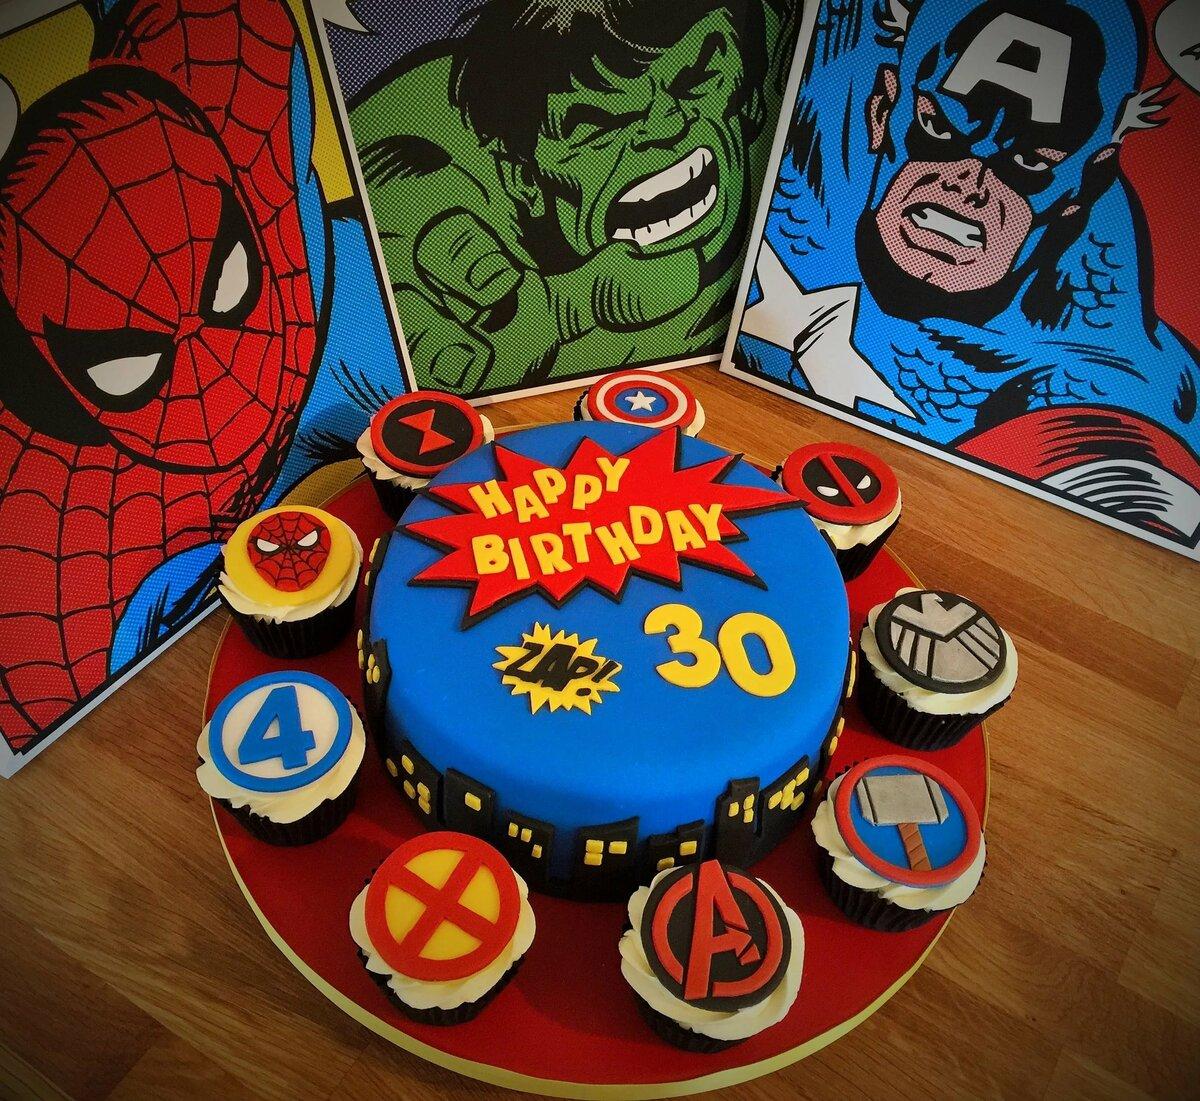 Картинки с супергероями для торта, открытки юбилей женщине